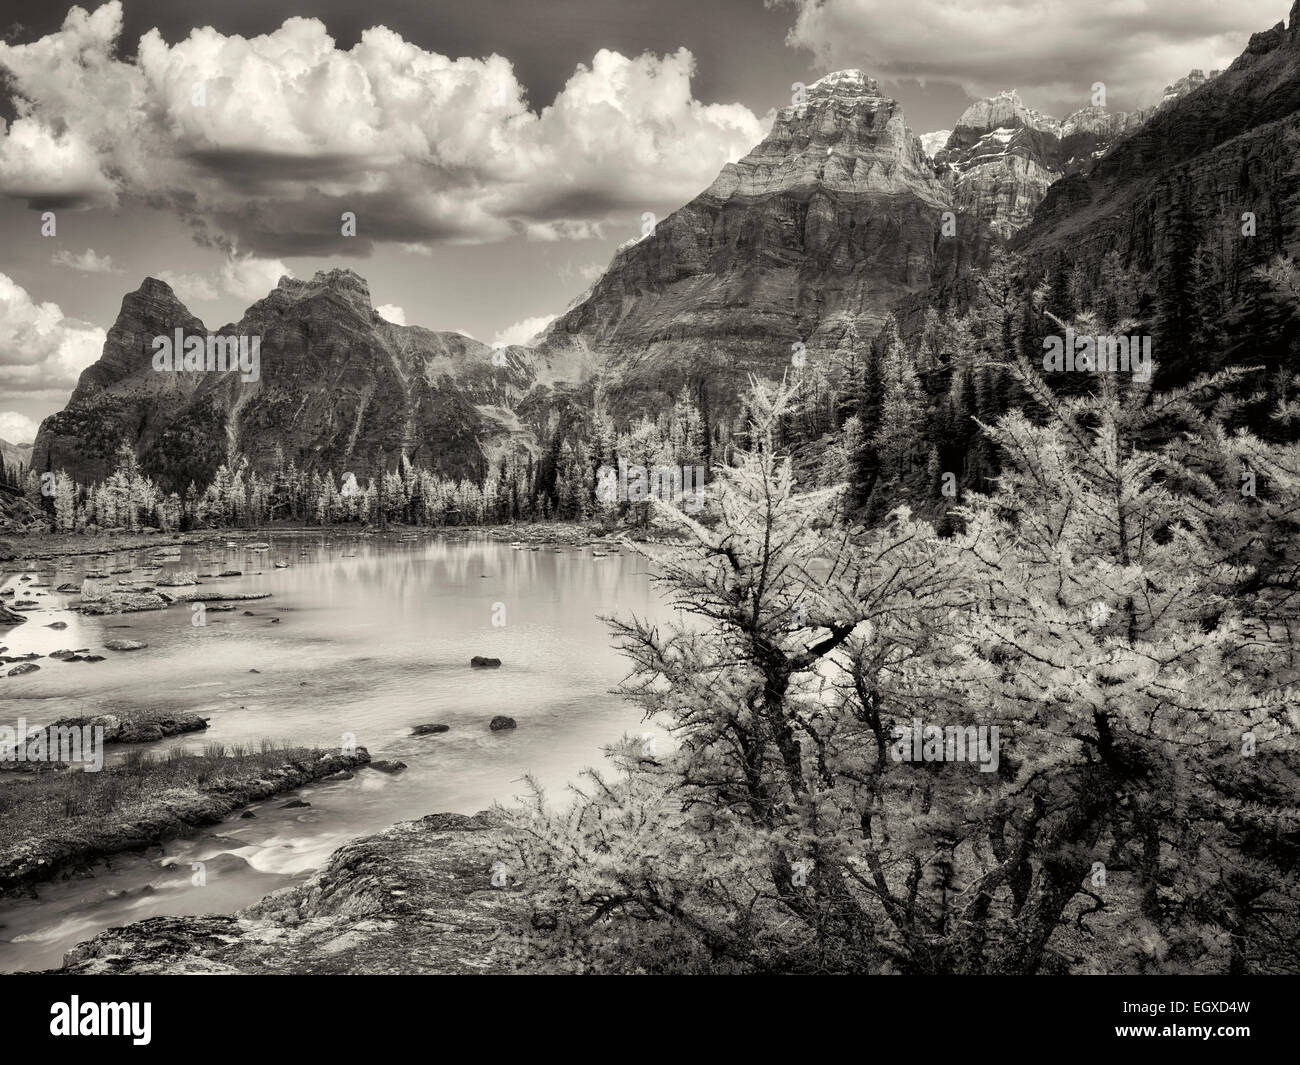 Mt-Huber und Herbst farbige Lärche. Opabin Plateau von British Columbia die kanadischen Rockies und Yoho-Nationalpark. Stockfoto